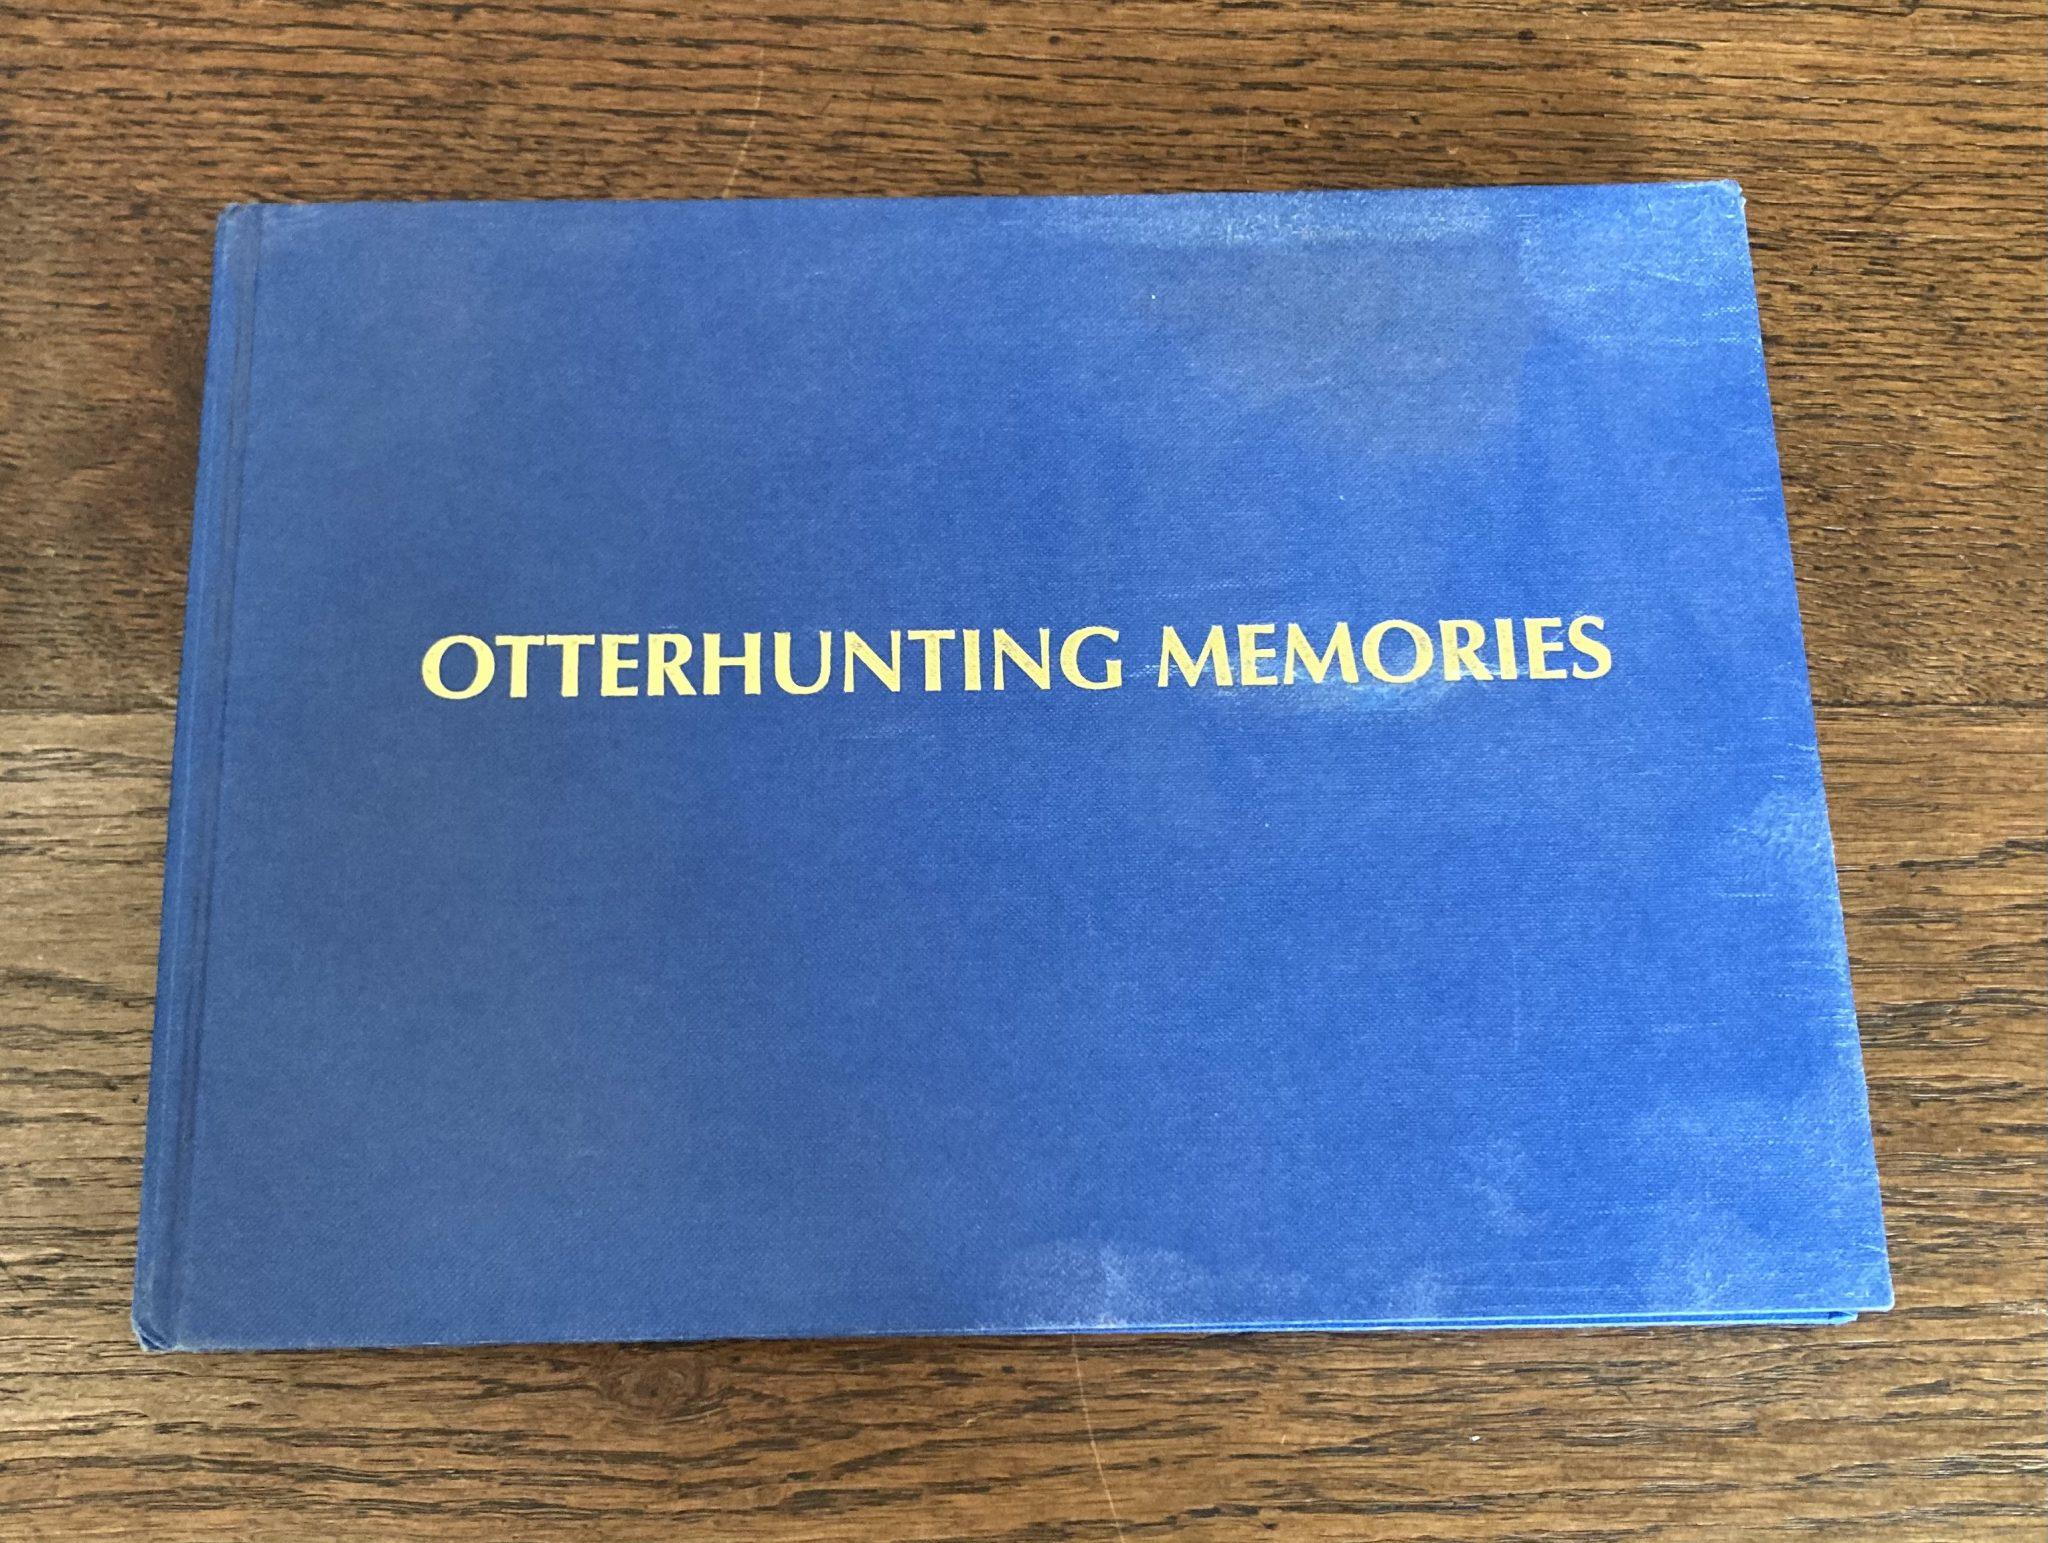 Otterhunting Memories